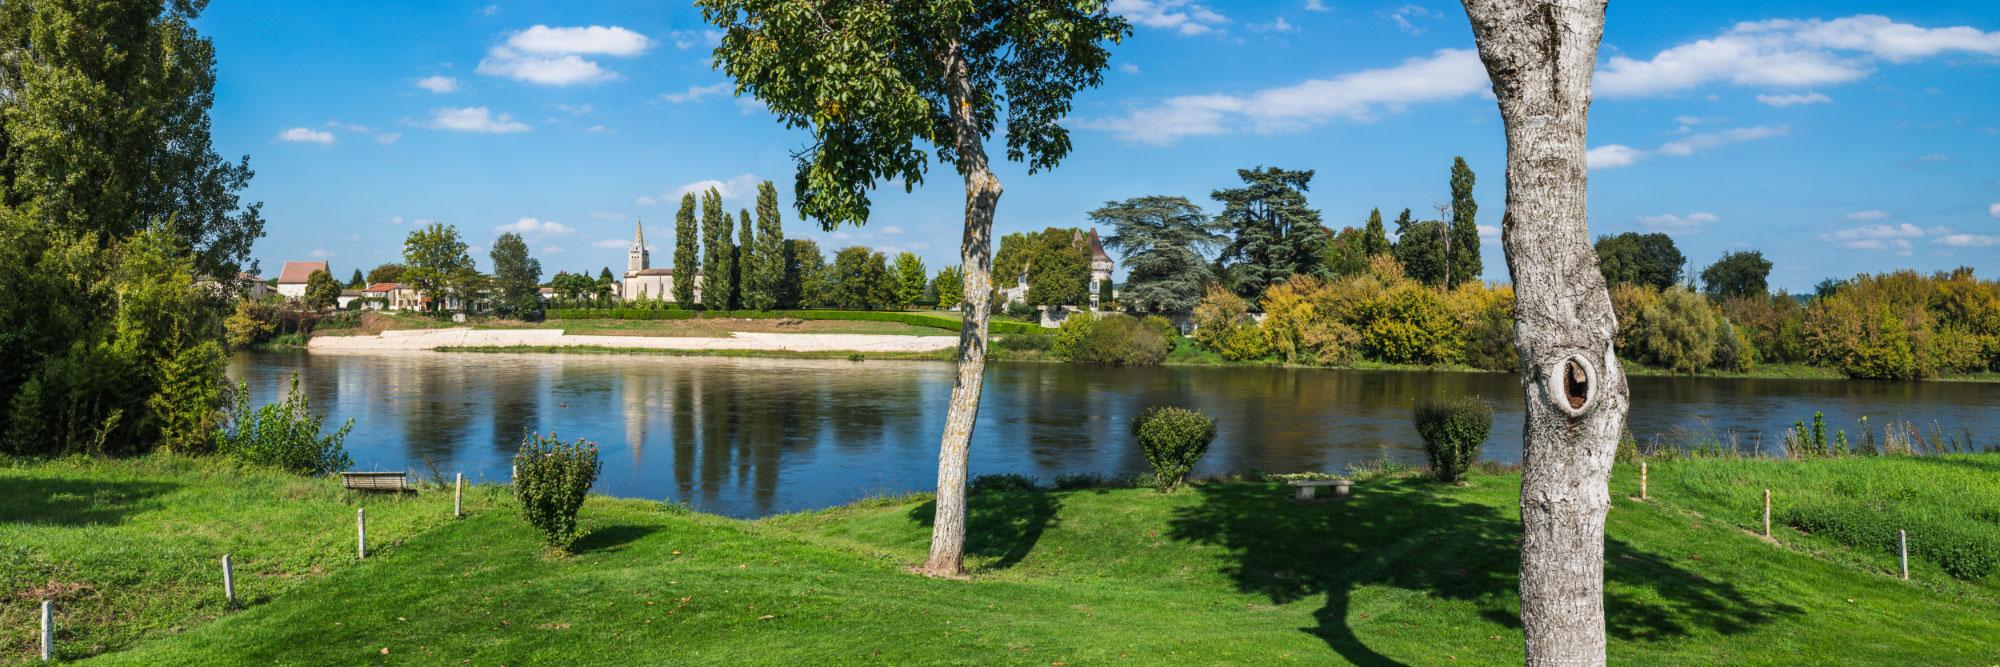 La Dordogne à Saint-Aulaye-de-Breuilh vu d'Eynesse